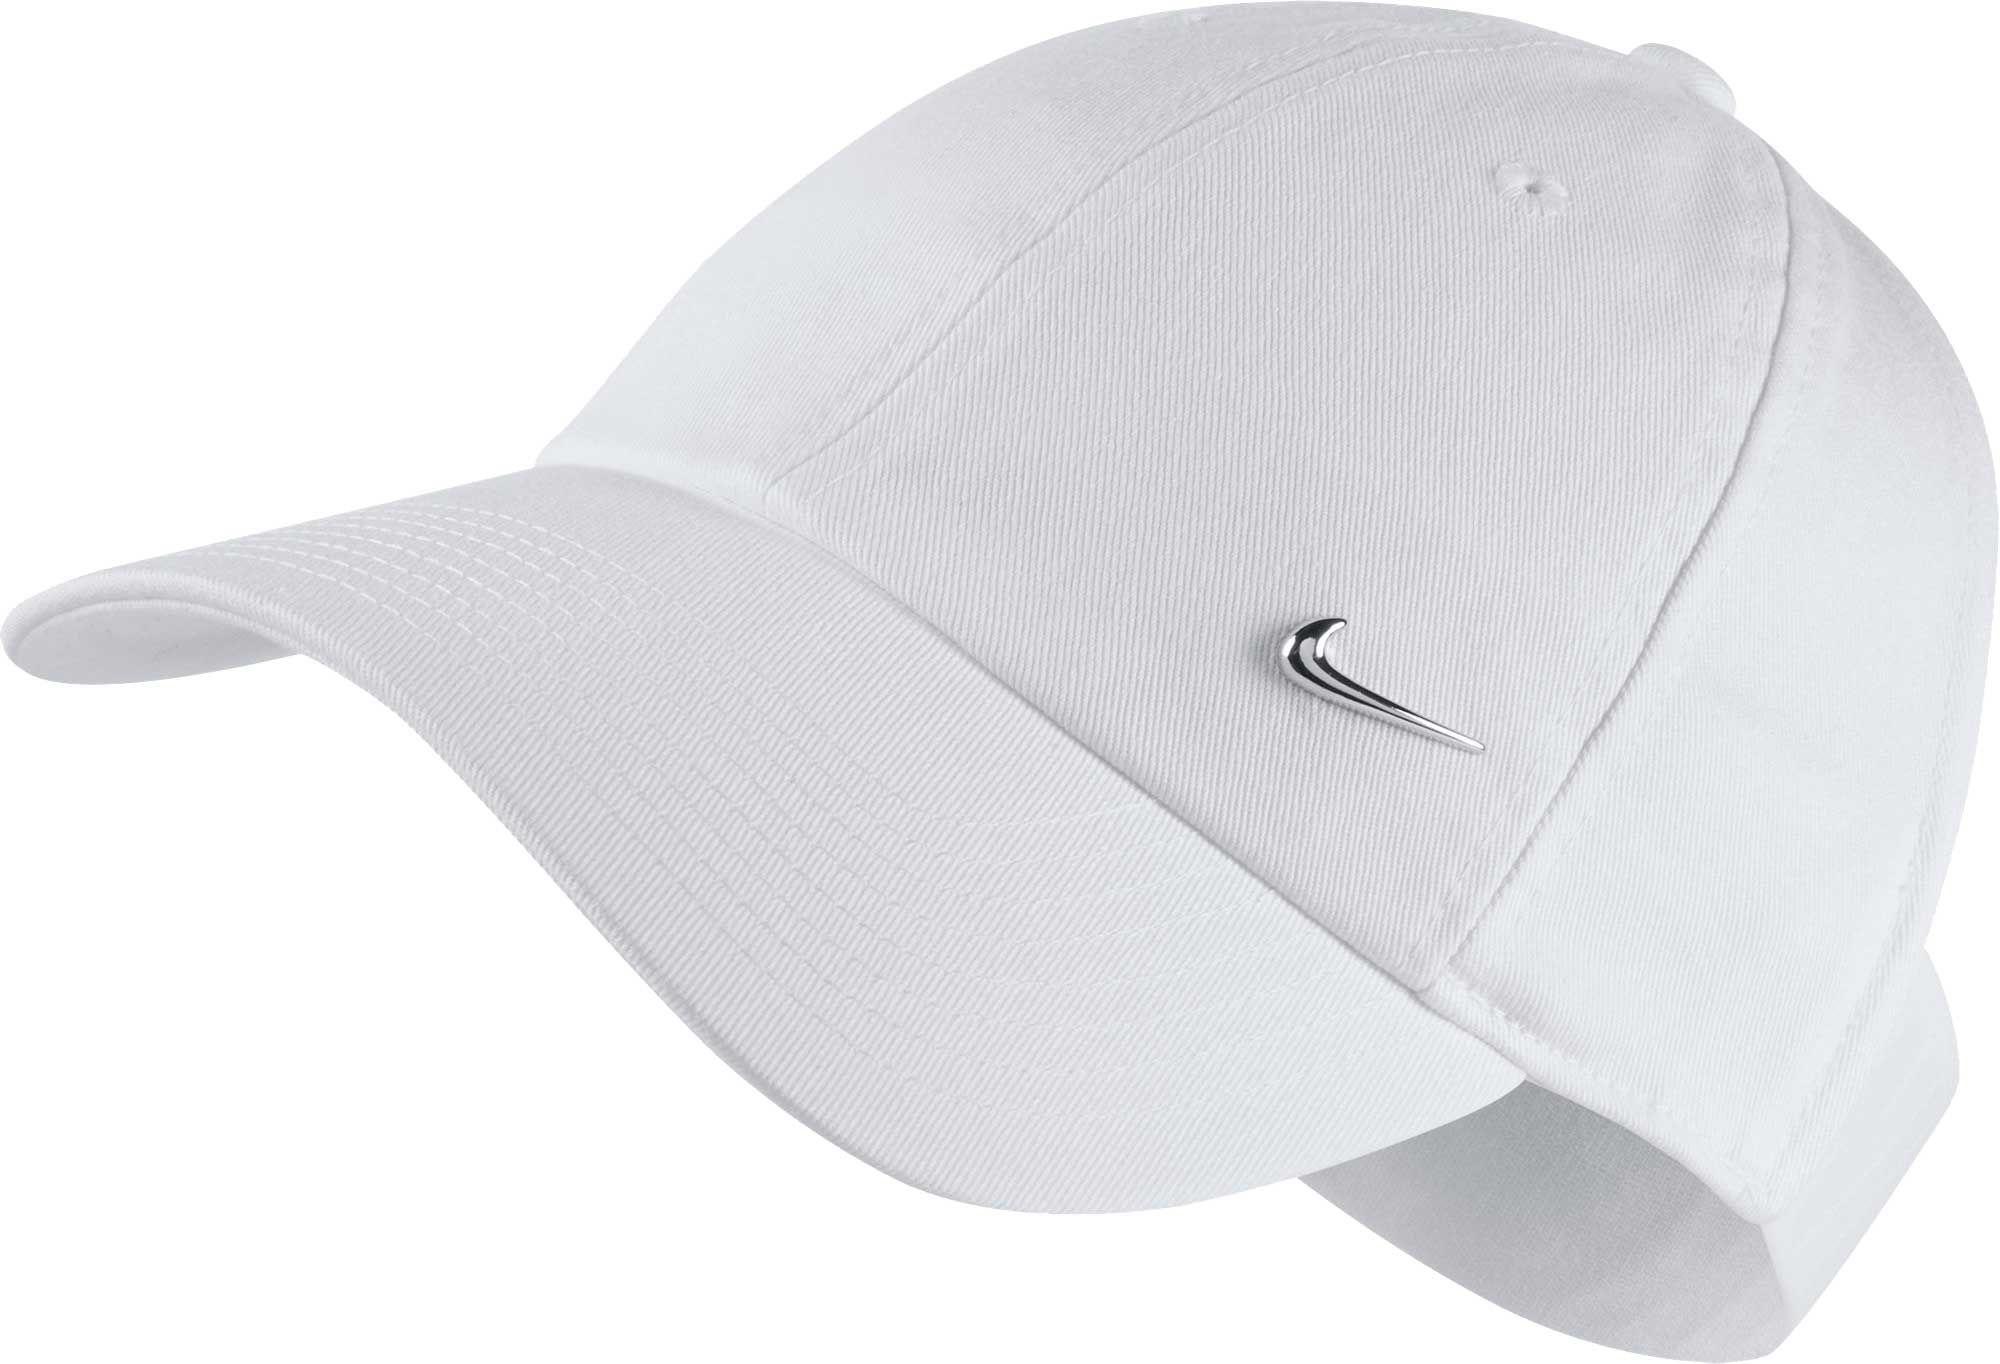 27f551b036f new arrivals lyst nike sportswear open back visor hat in white 69b11 14d43